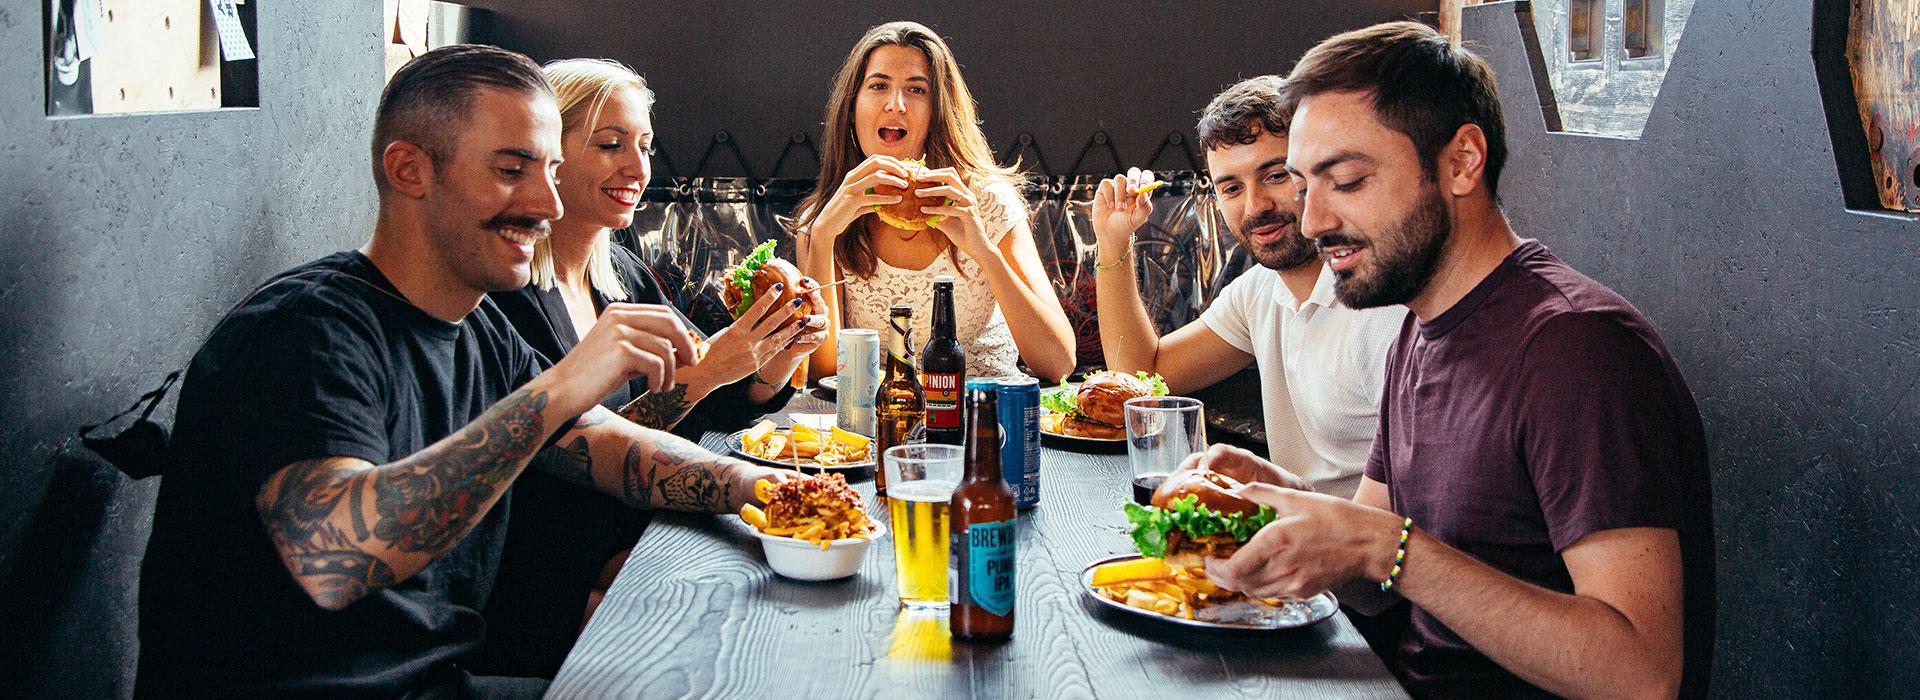 amici-hamburger-bonelli_il-migliore-italia_bonelli-burgers-imola-bologna_desktop